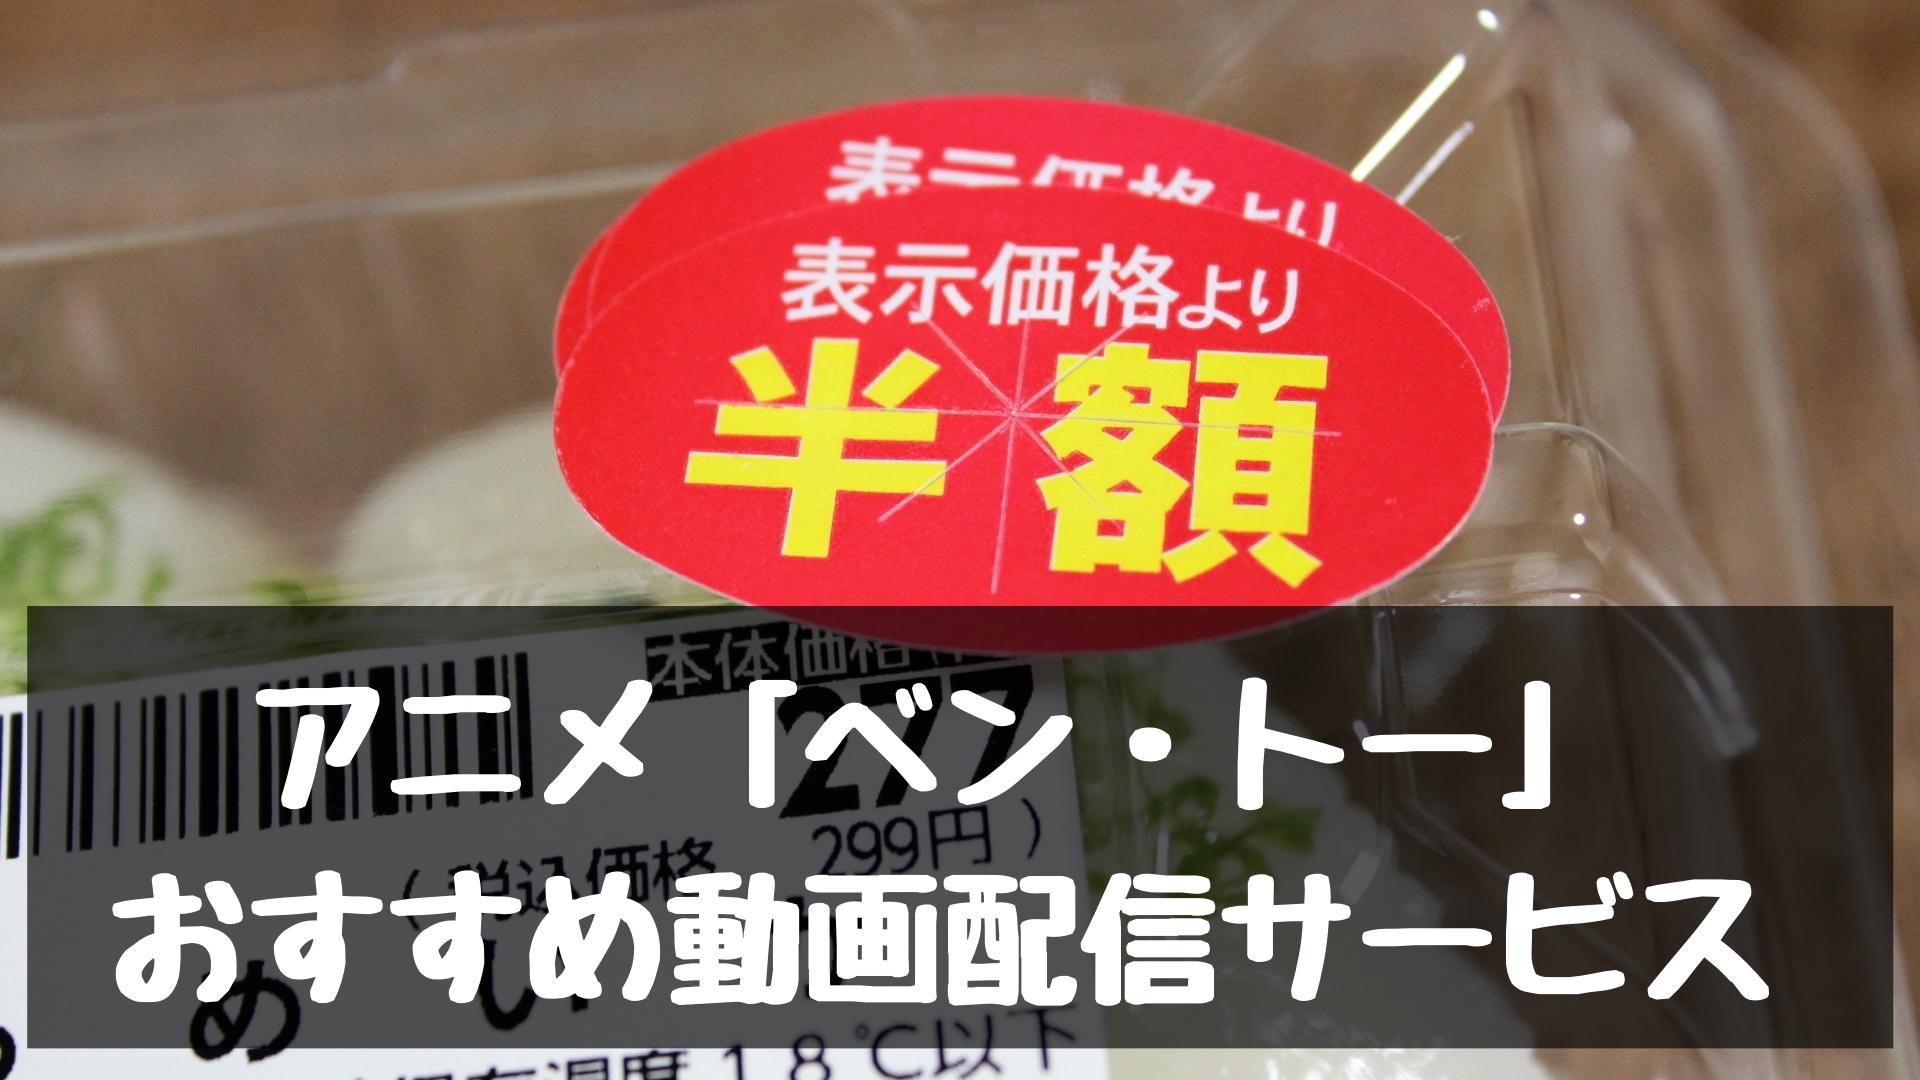 アニメ「ベン・トー」の動画を全話高画質で視聴!おすすめ動画配信サービスはコレ!